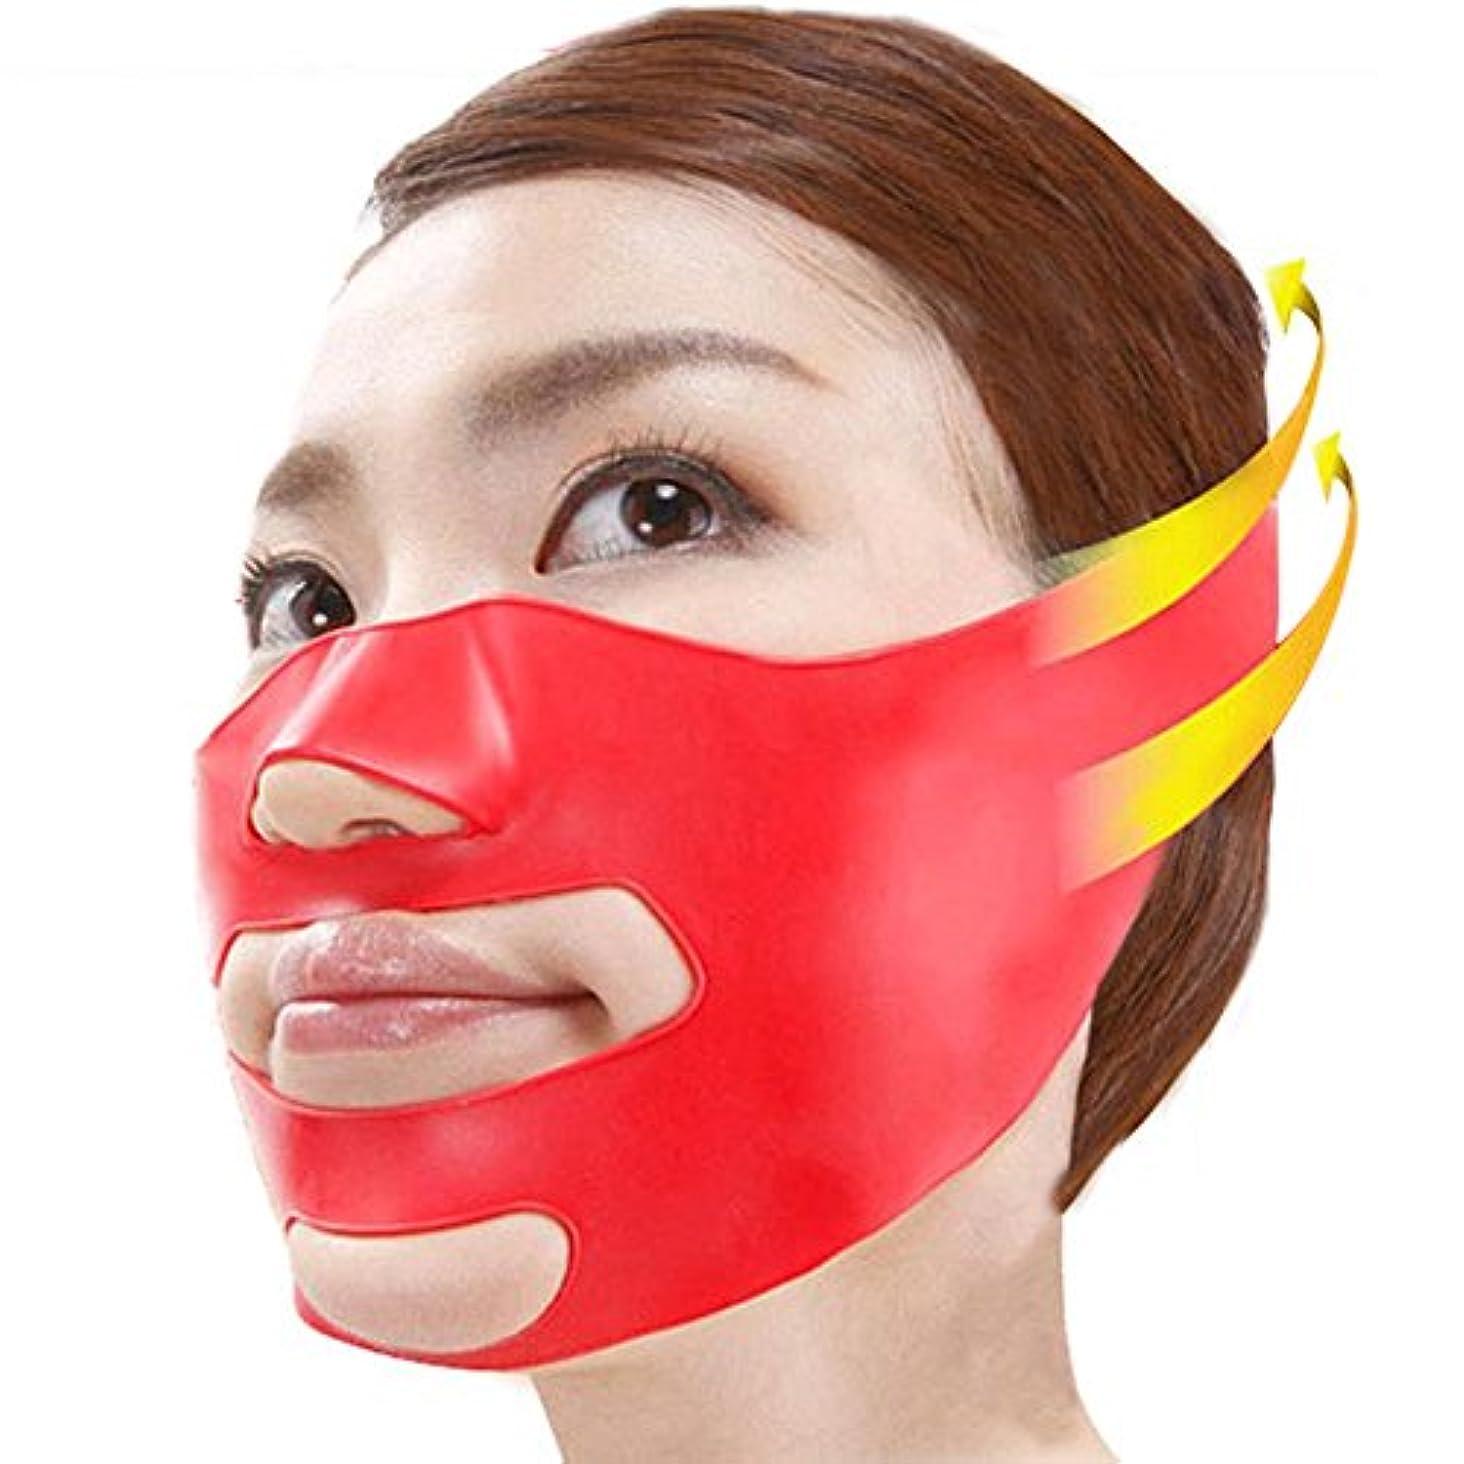 枯れる重要な奴隷3D 小顔 マッサージグッズ フェイスマスク 美容 顔痩せ ほうれい線 消す グッズ 美顔 矯正 (フリーサイズ, レッド)